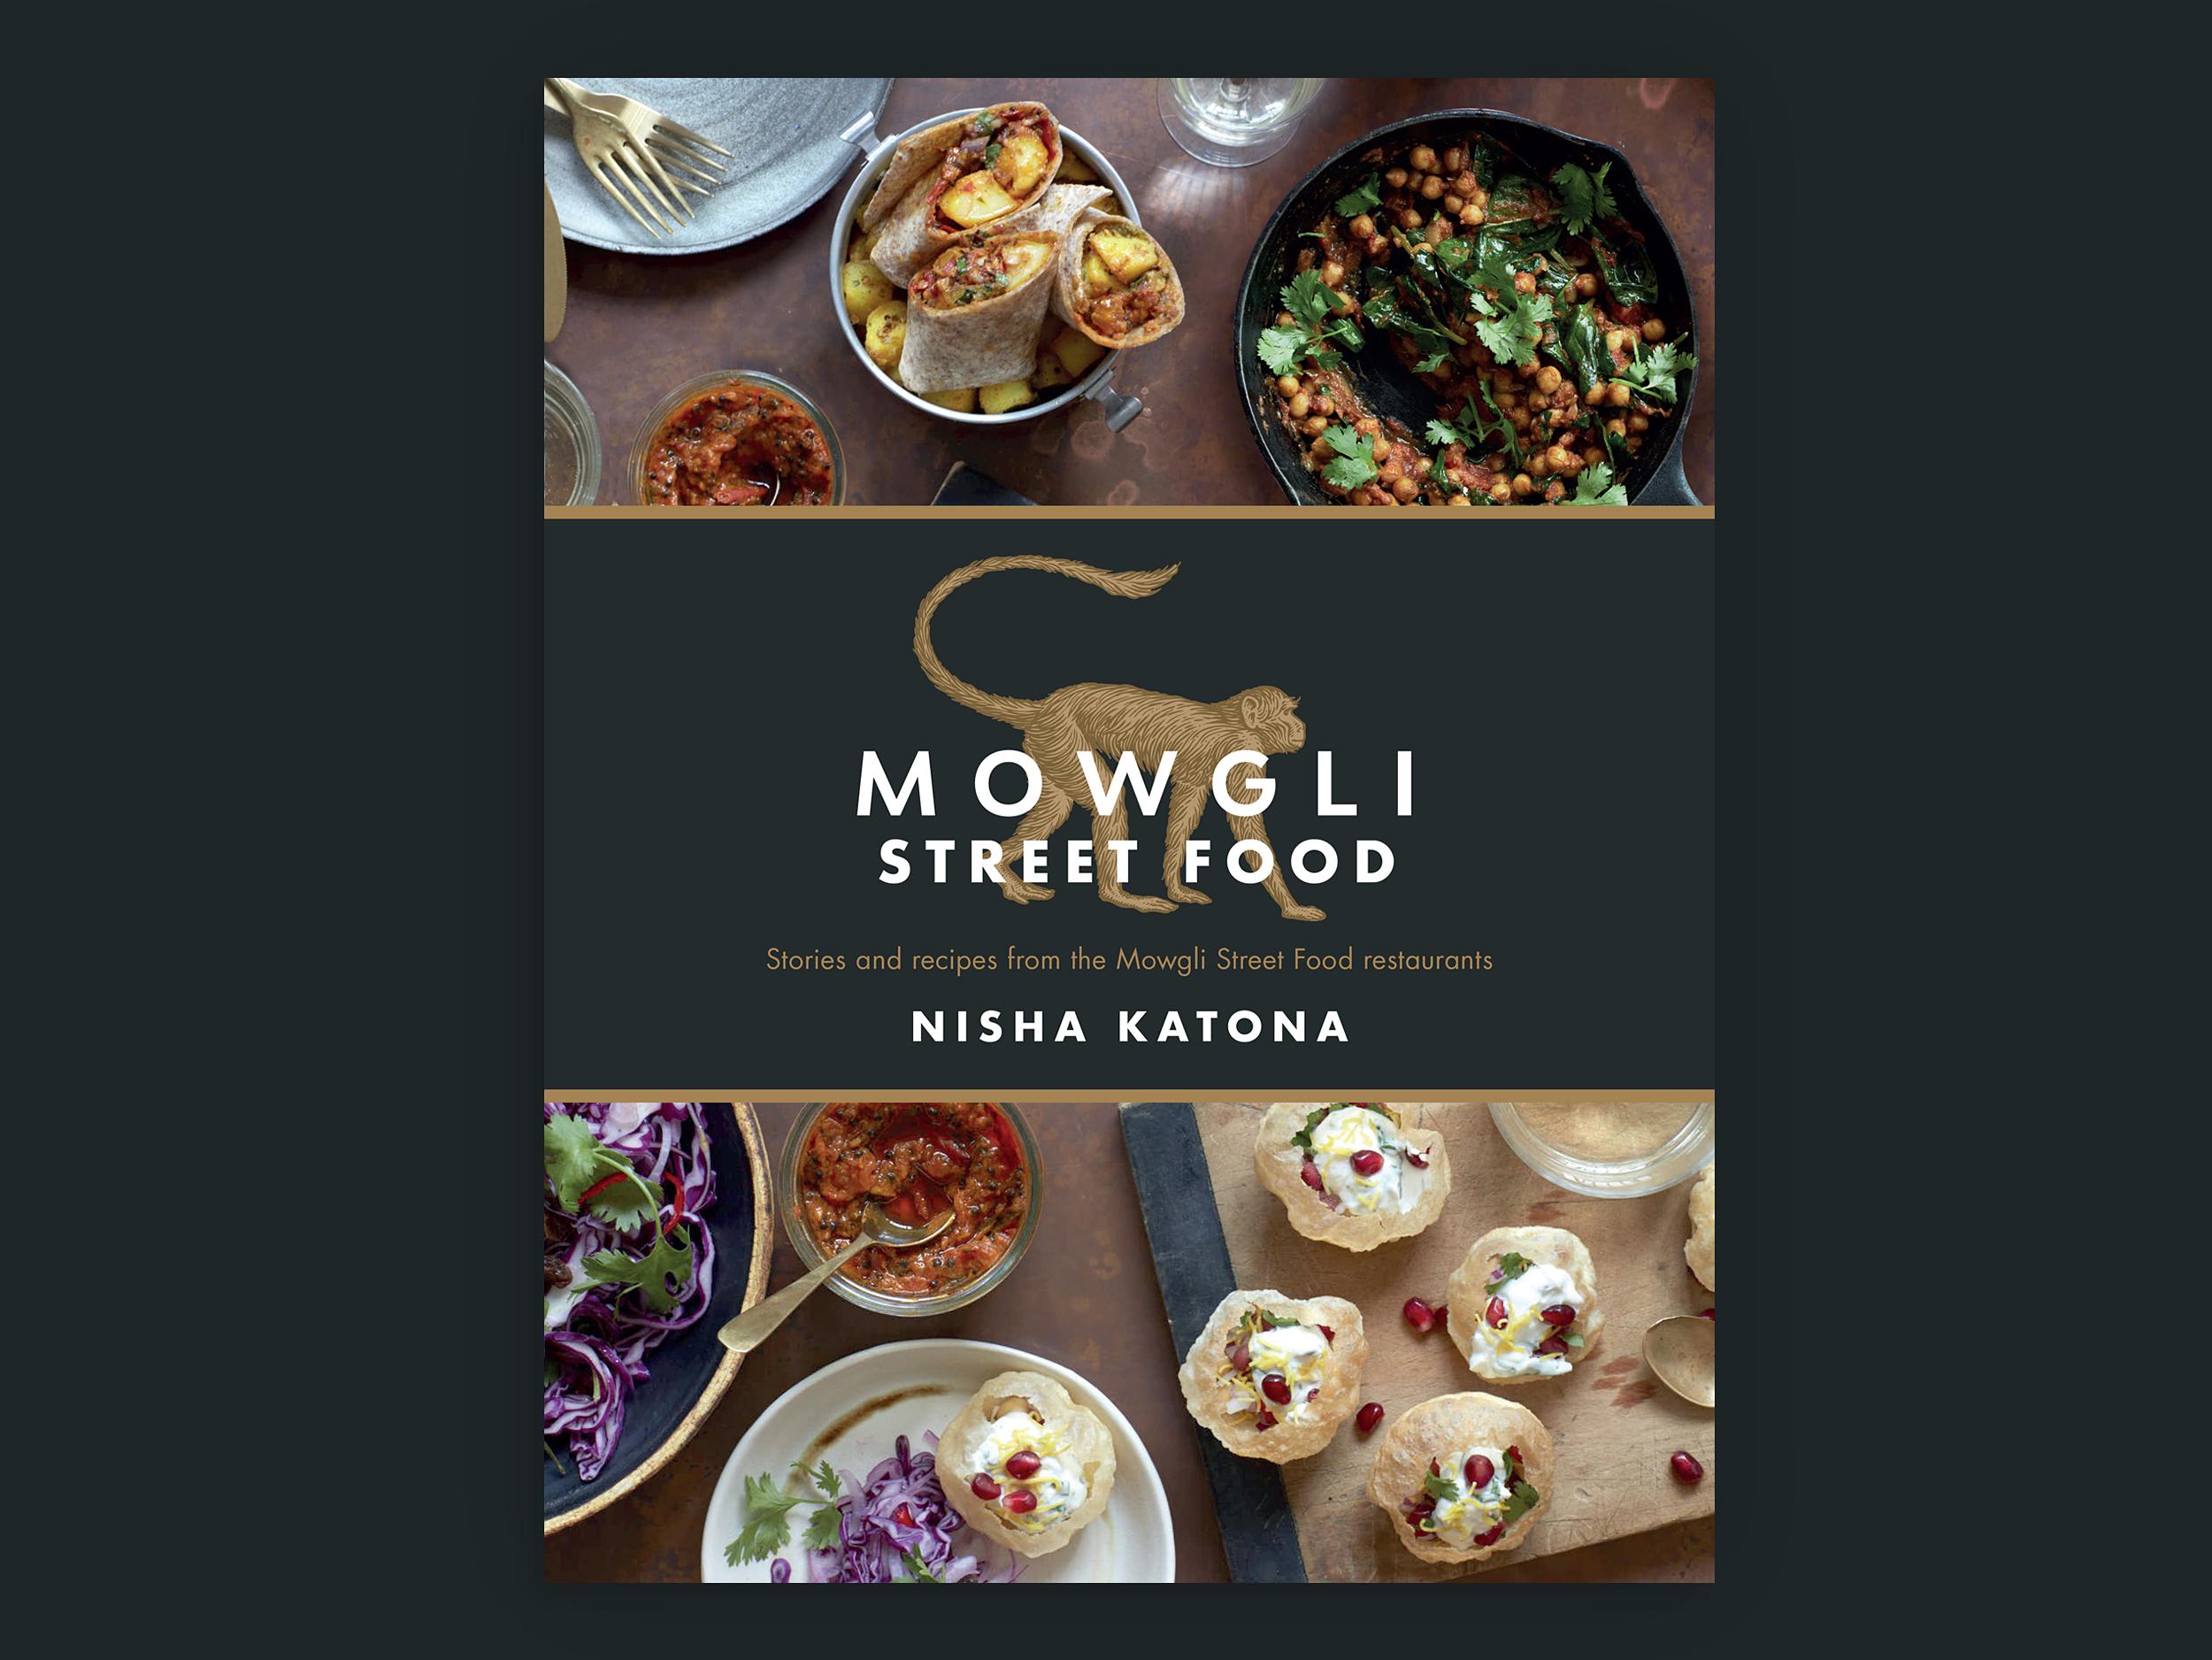 Mowgli_Cover_Mockup.jpg